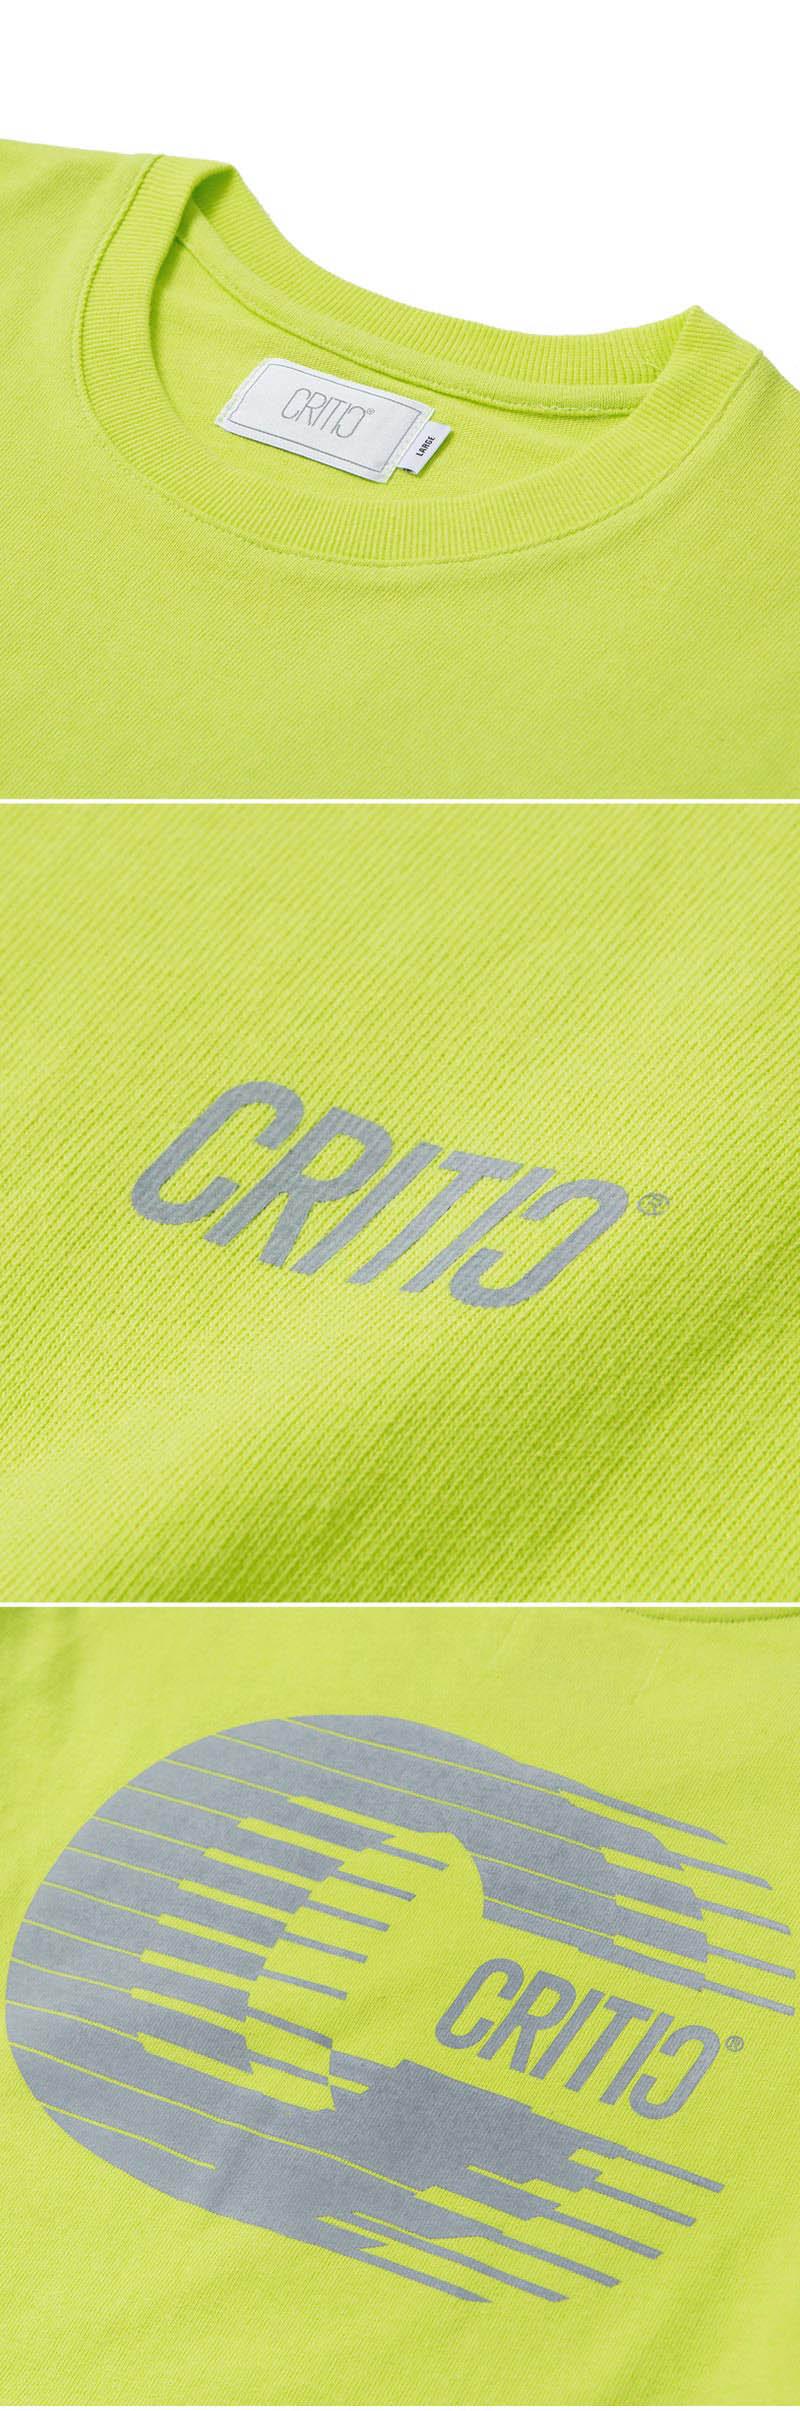 크리틱(CRITIC) REFLECTIVE C LONG SLEEVE T-SHIRT(NEON YELLOW)_CTOGARL05UY3